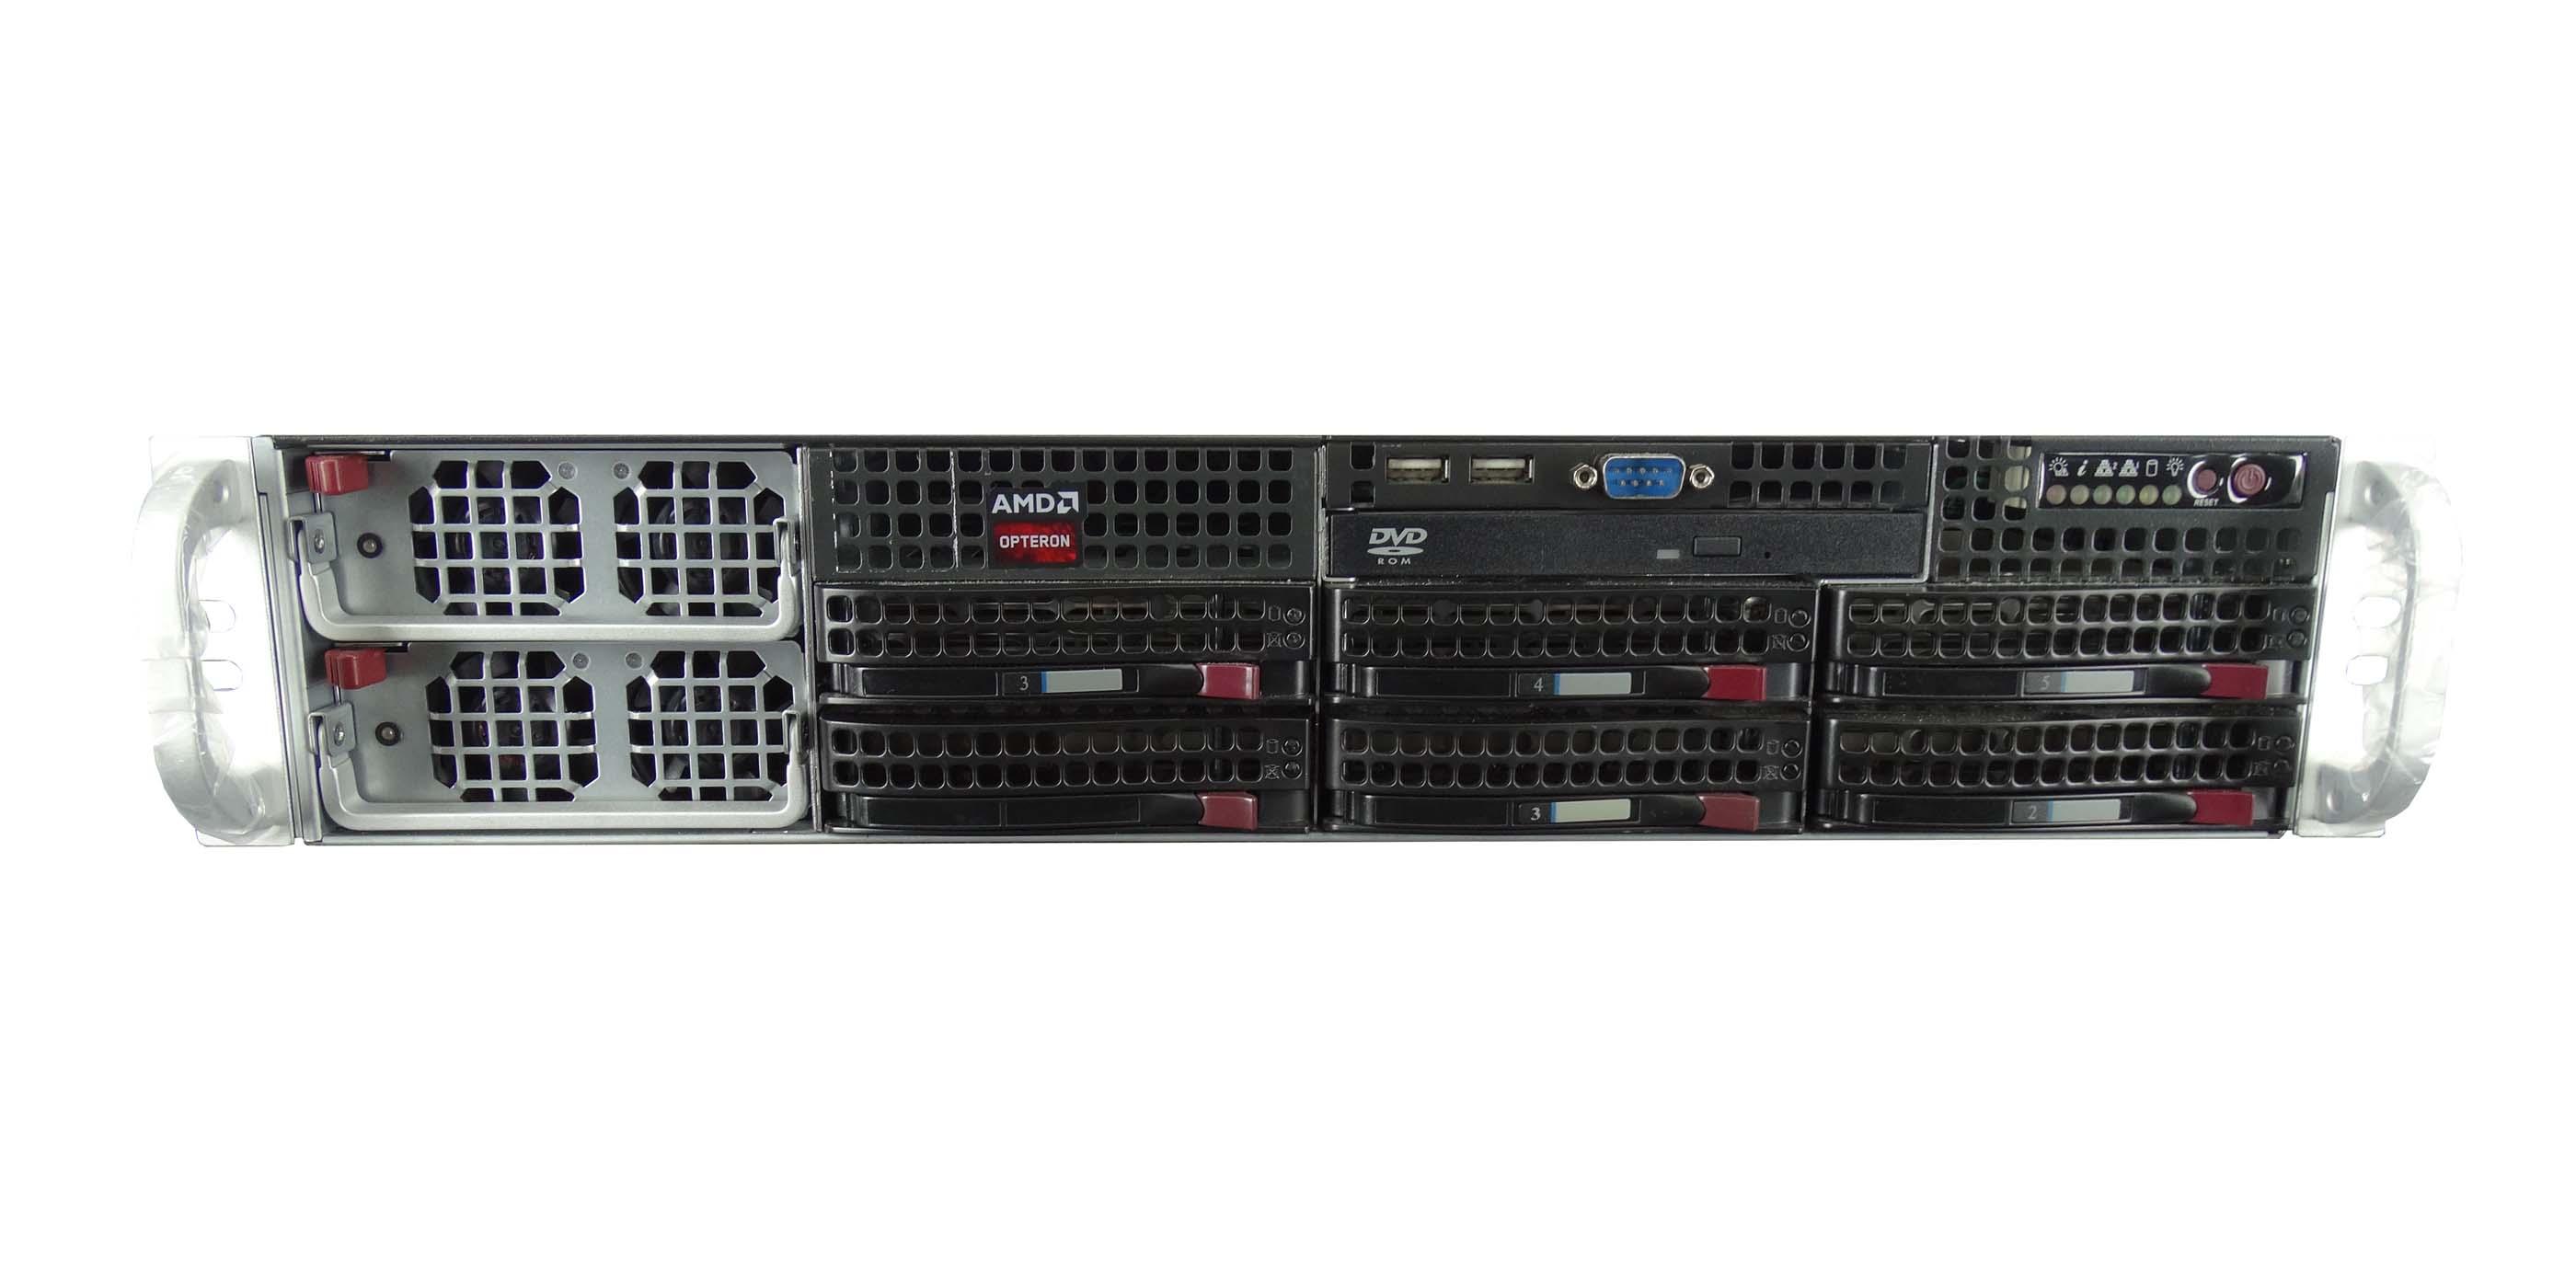 Supermicro-828TQ-R1K43LPB-W-H8QG6-F-4x-AMD-6128-48GB-6x-Trays-Rails